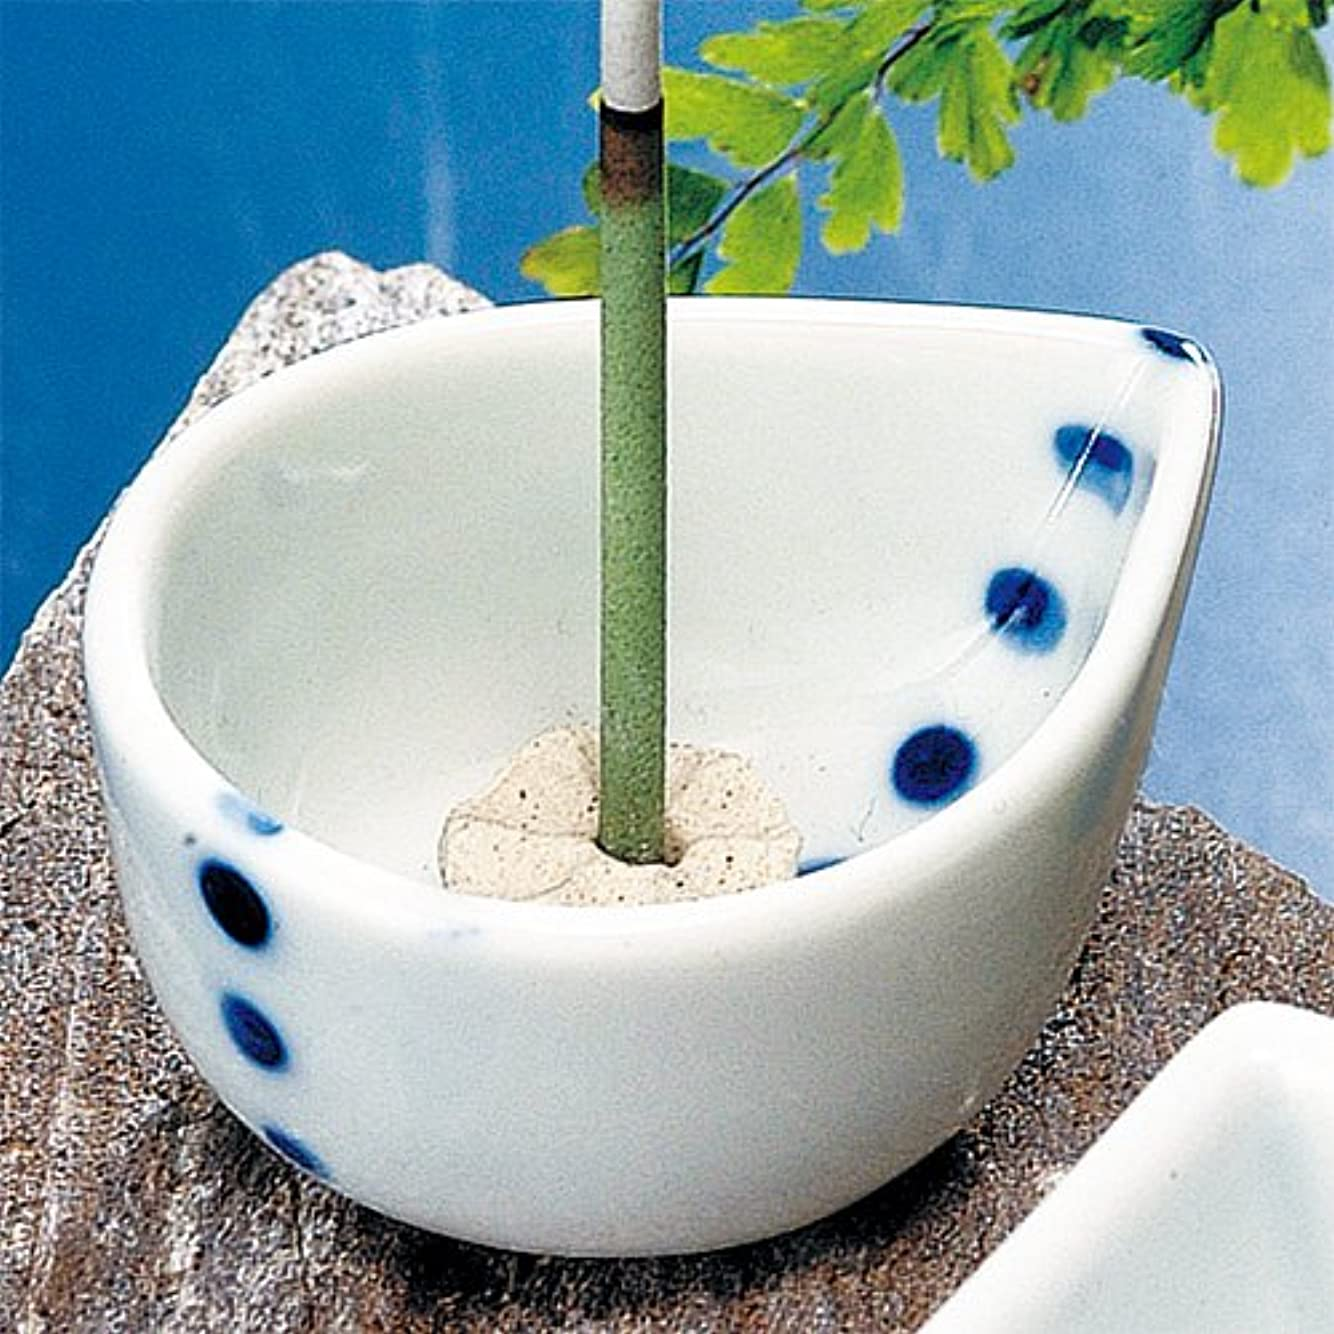 パイプラインカヌー贈り物香皿 水玉 ミニ香立鉢(香玉付) 花びら [5.5x4.5xH2.5cm] プレゼント ギフト 和食器 かわいい インテリア